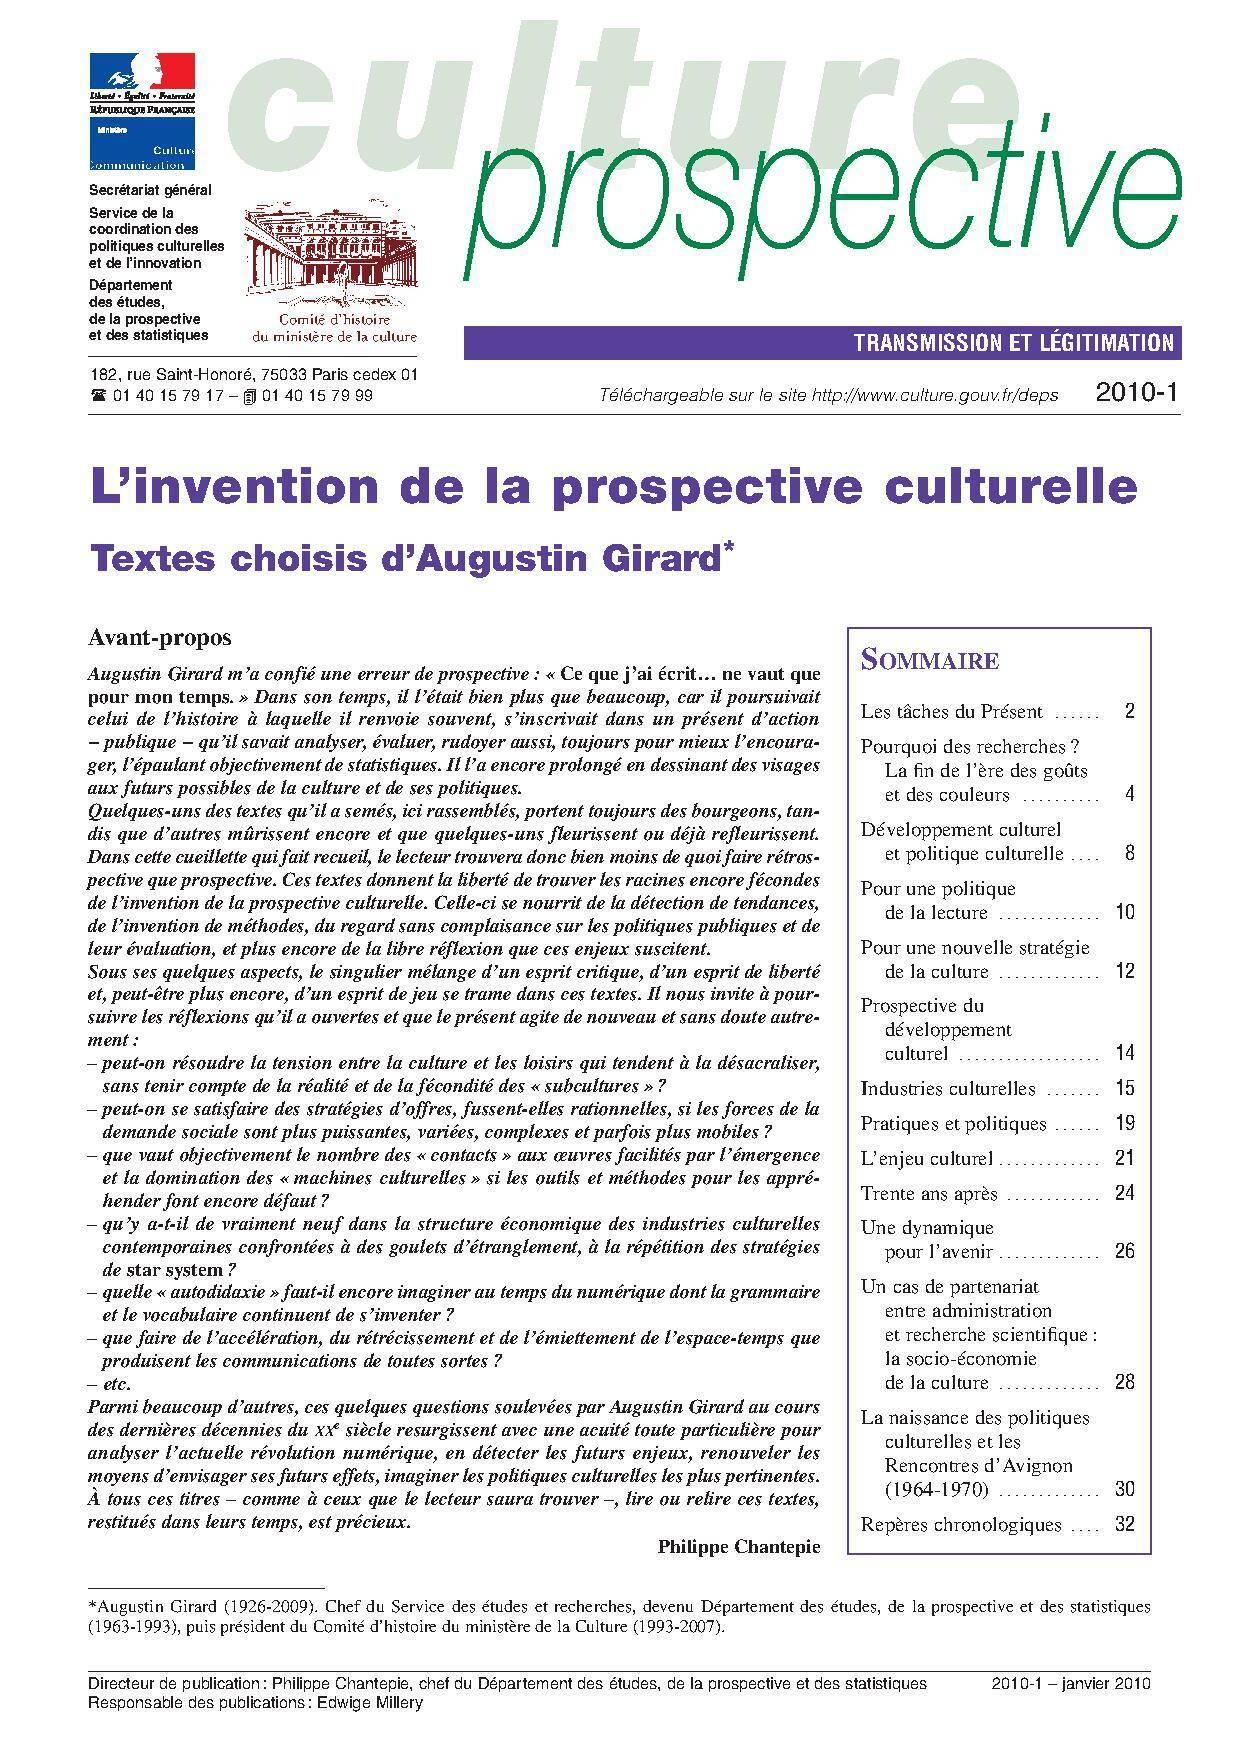 L'invention de la prospective culturelle. Textes choisis d'Augustin Girard